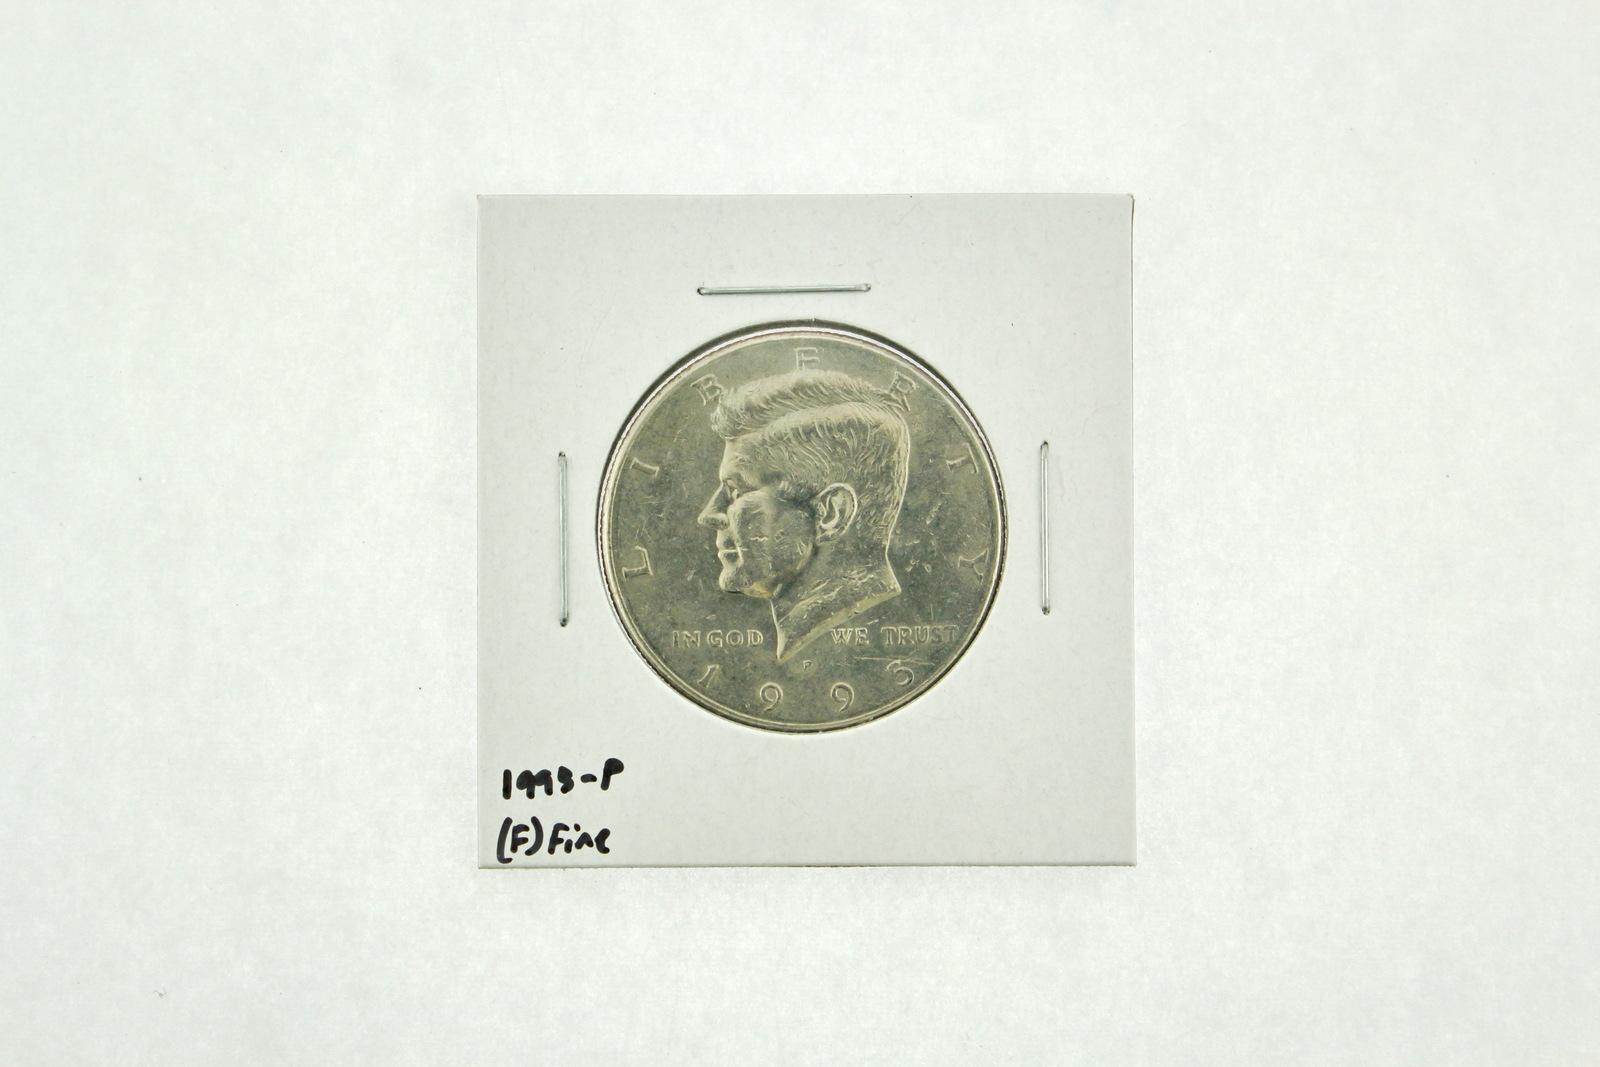 1995-P Kennedy Half Dollar (F) Fine N2-3869-1